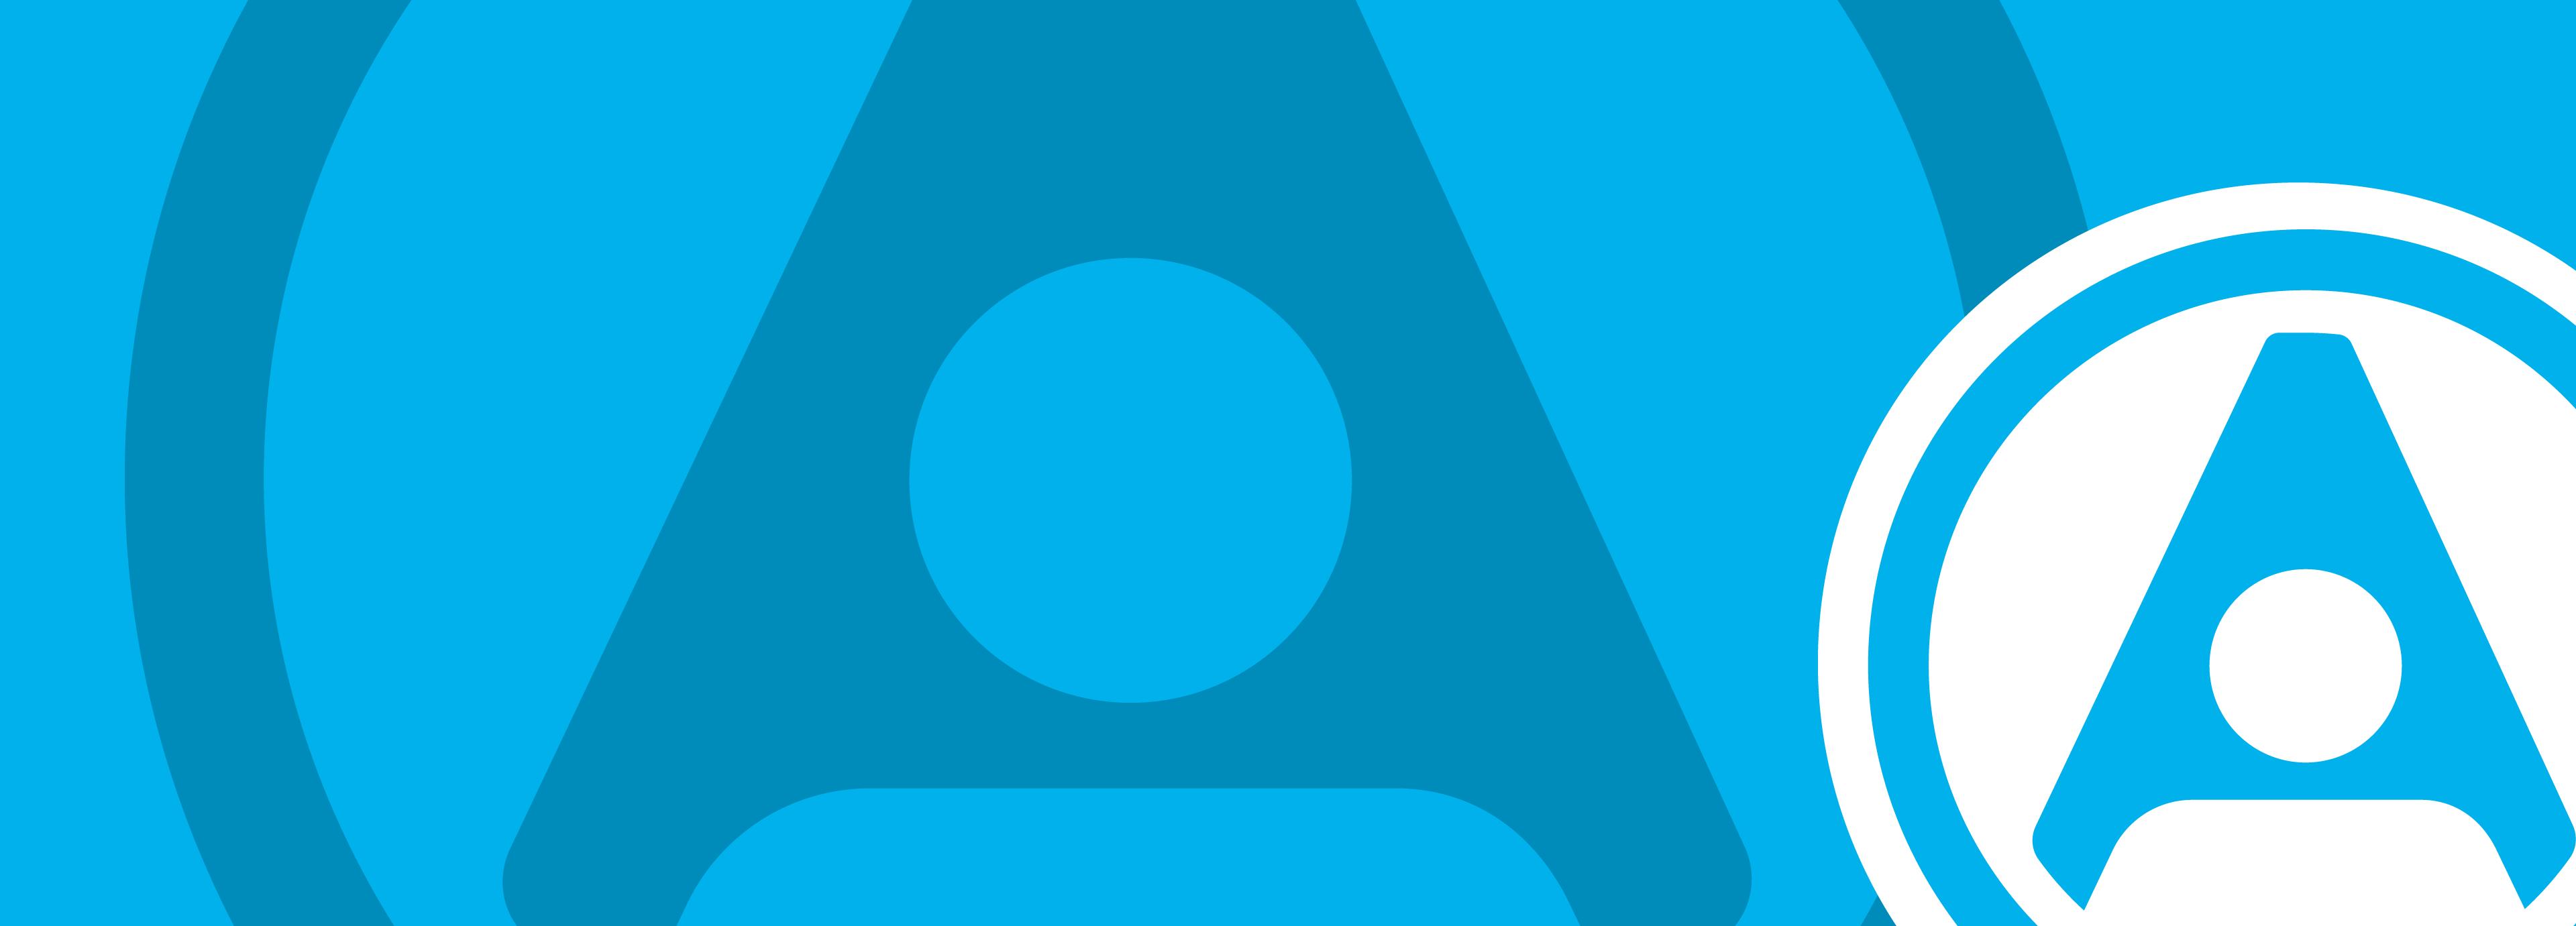 Die Allocate Software GmbH freut sich, den nächsten Neukunden begrüßen zu dürfen